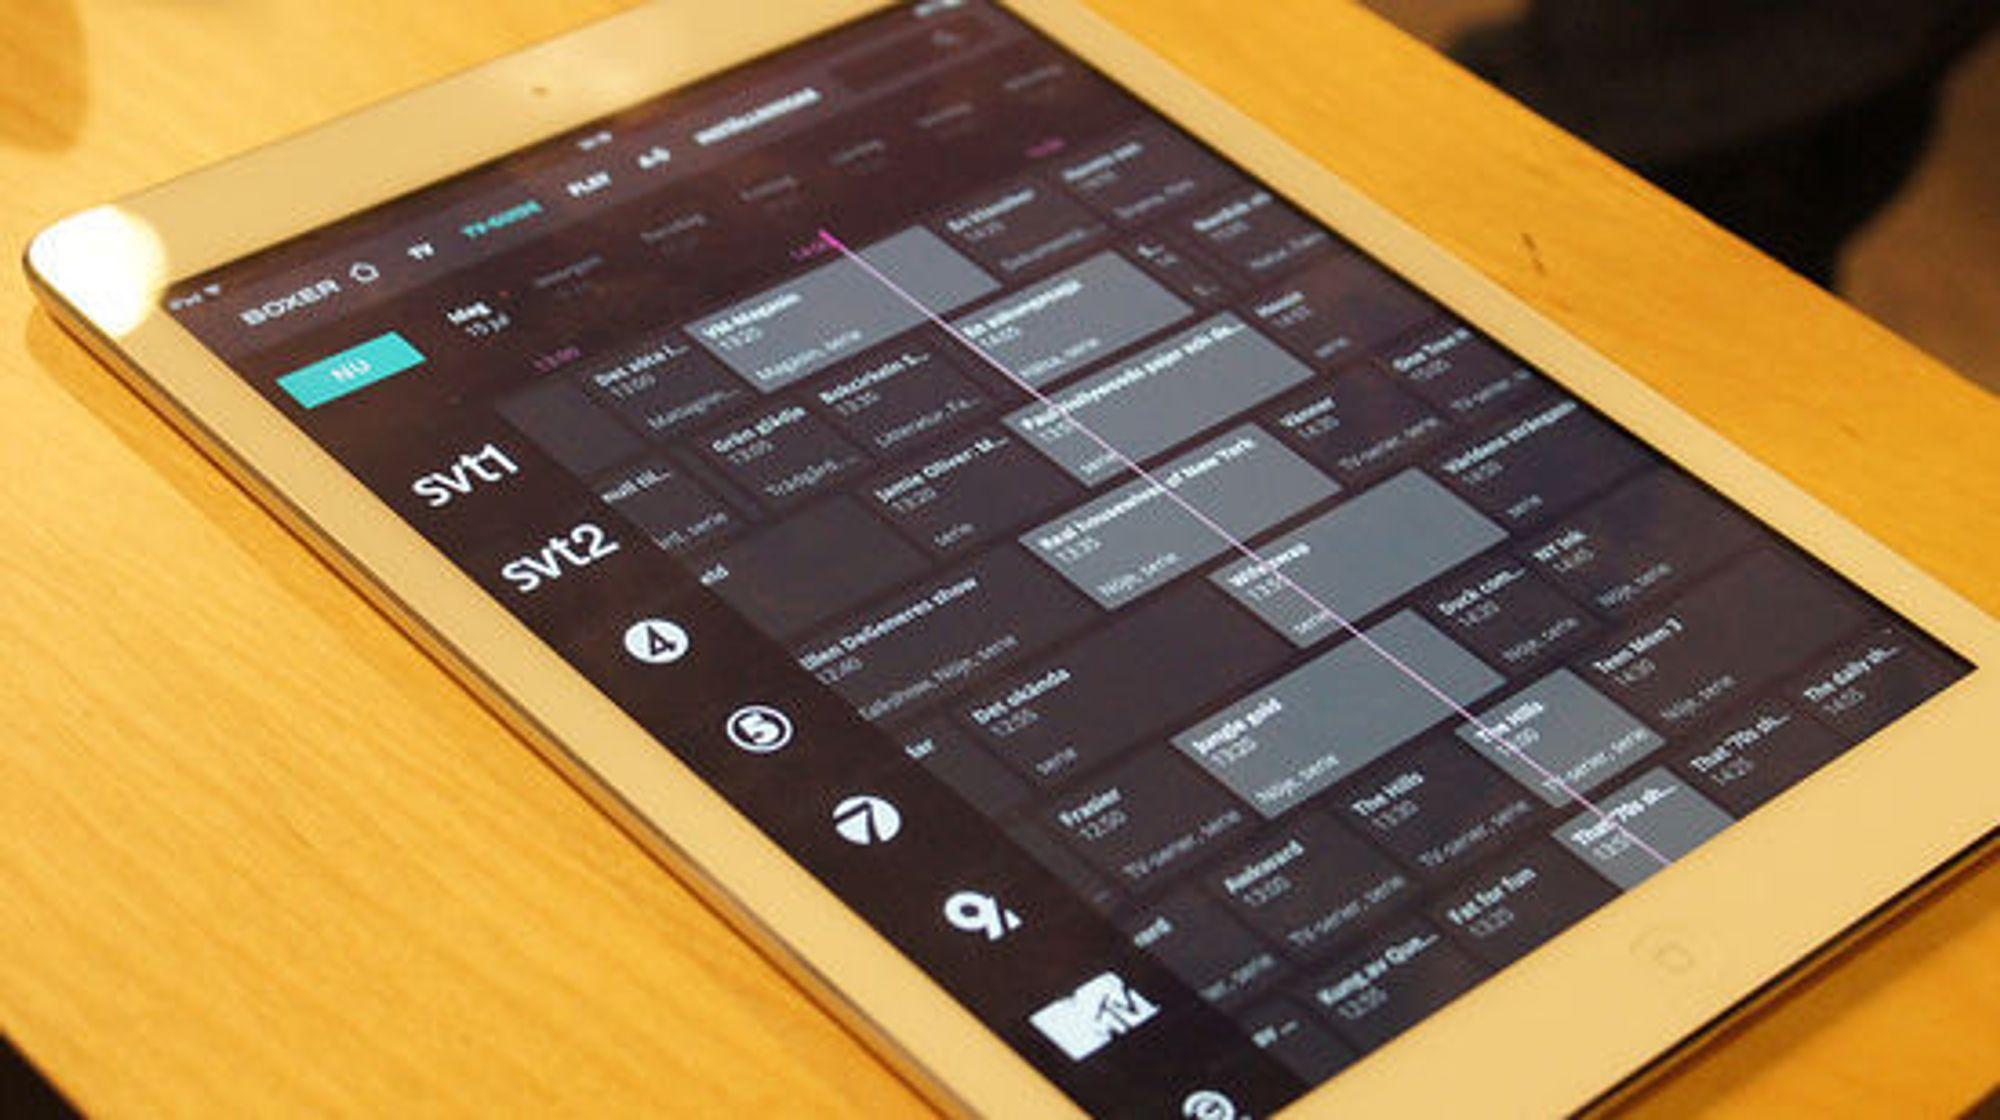 Den nyutviklede applikasjonen til svenske Boxer.